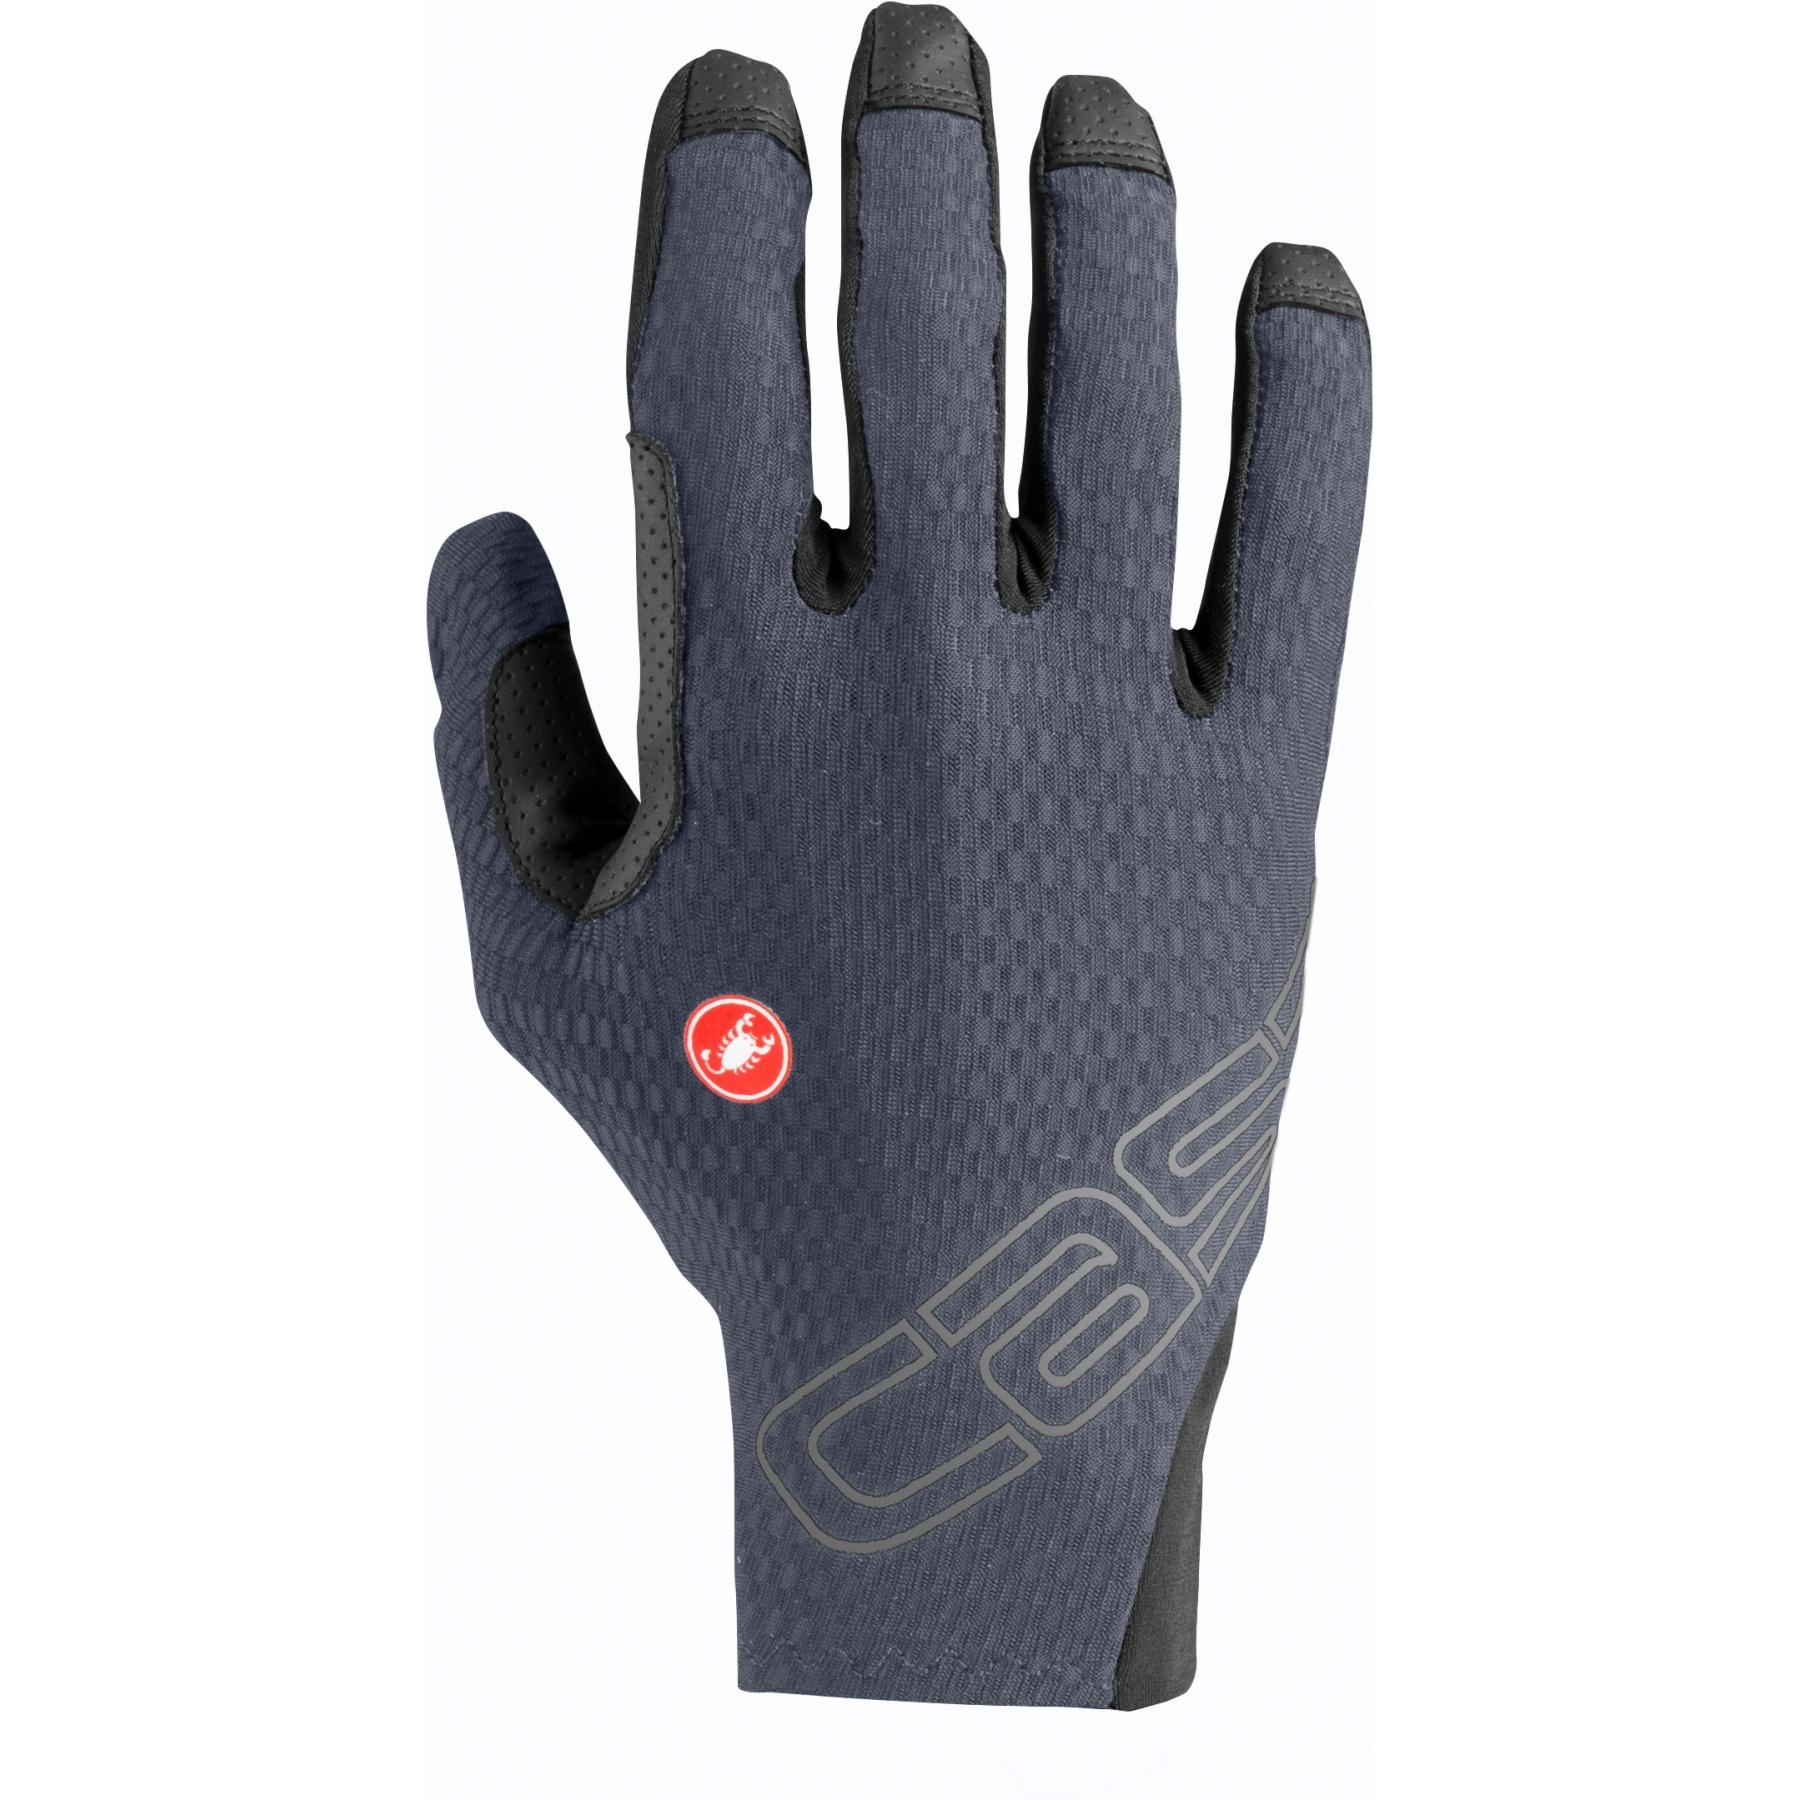 Castelli Unlimited LF Gloves - dark steel blue 070